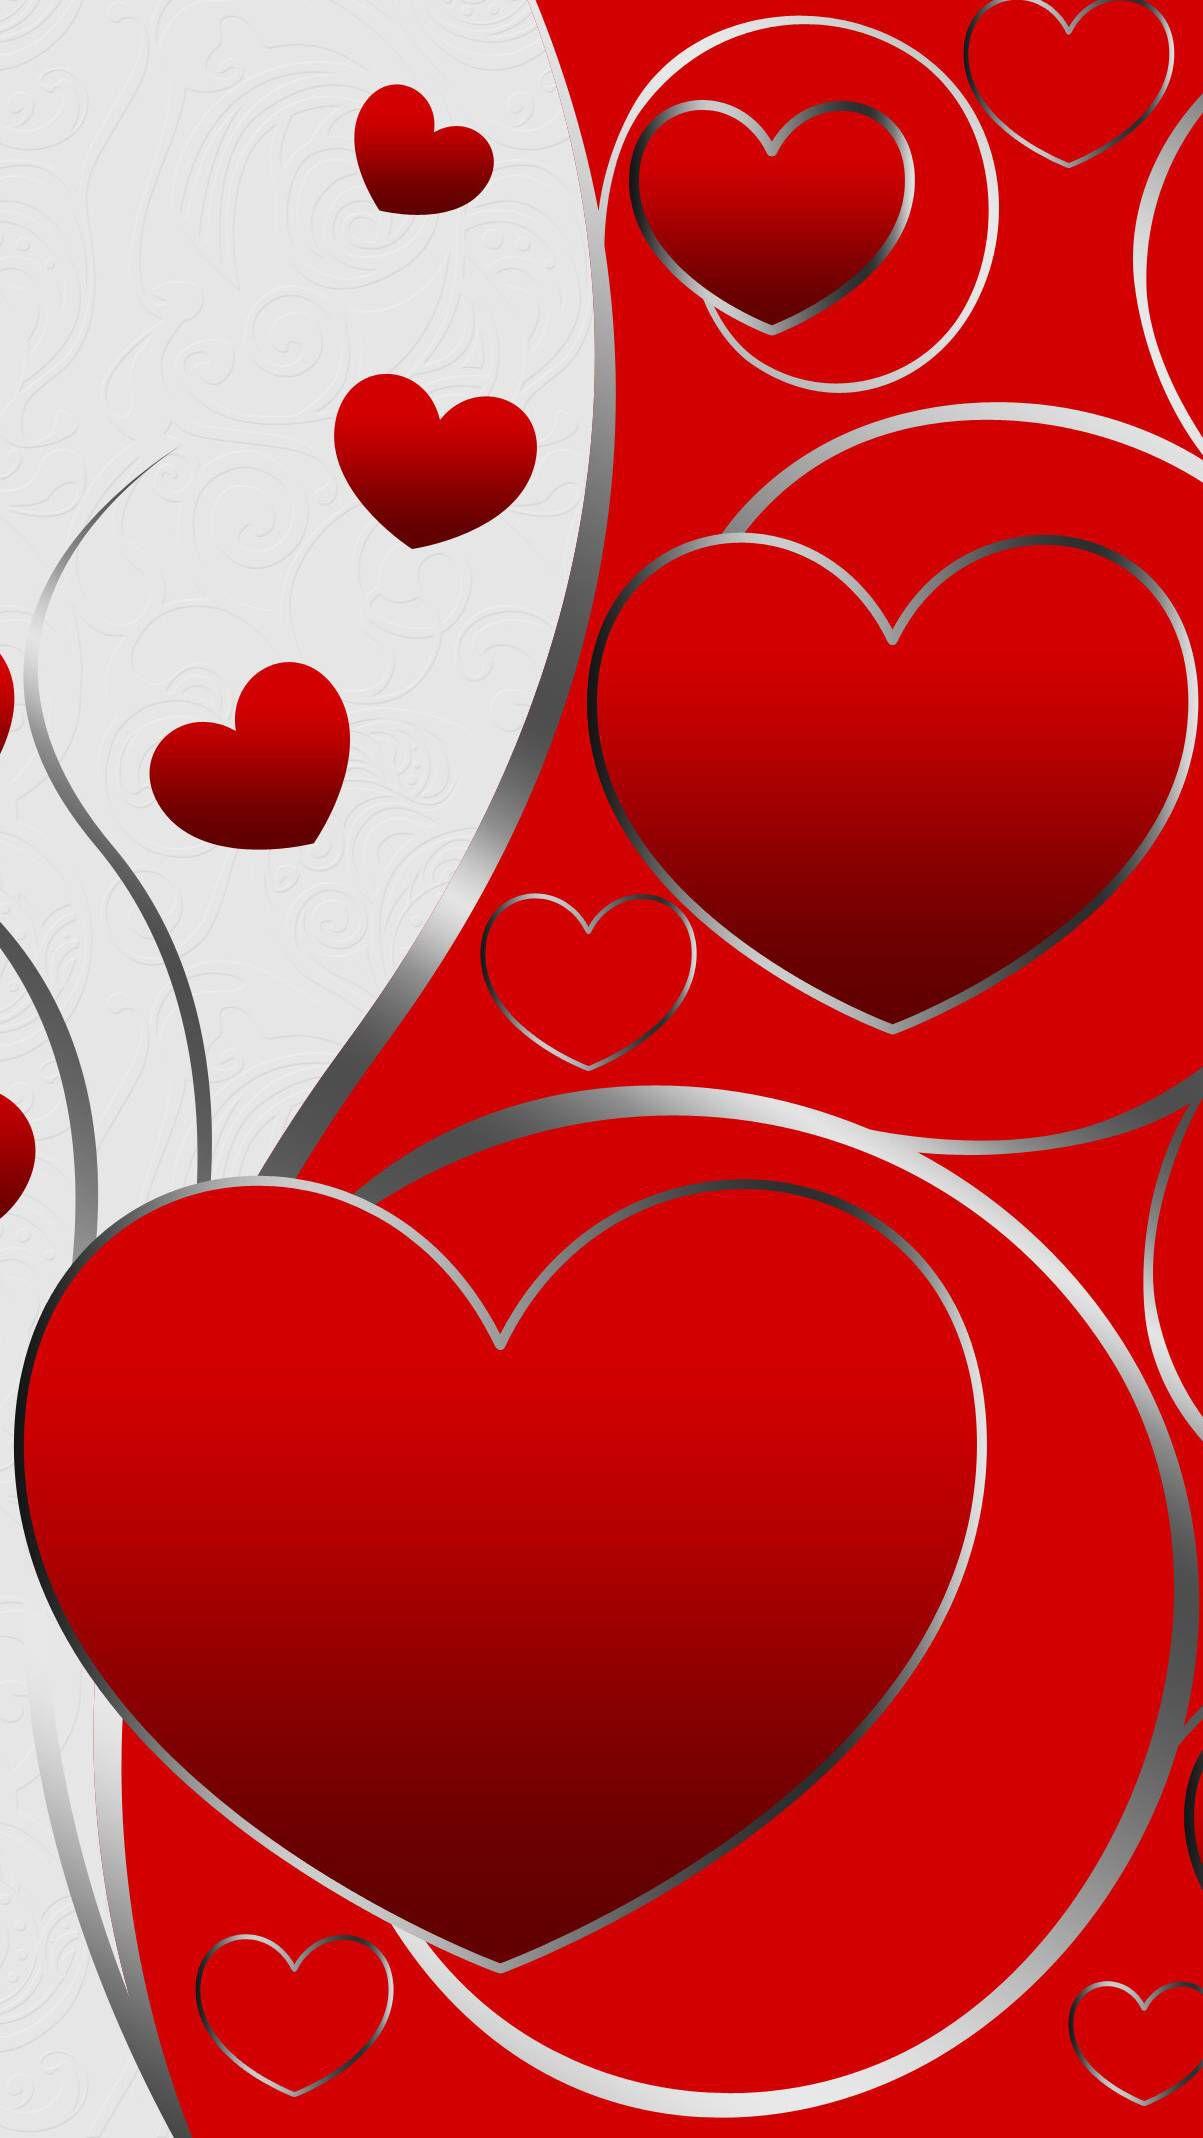 Happy Valentines Day | Coeur en papier, Fond d'écran téléphone, Image coeur